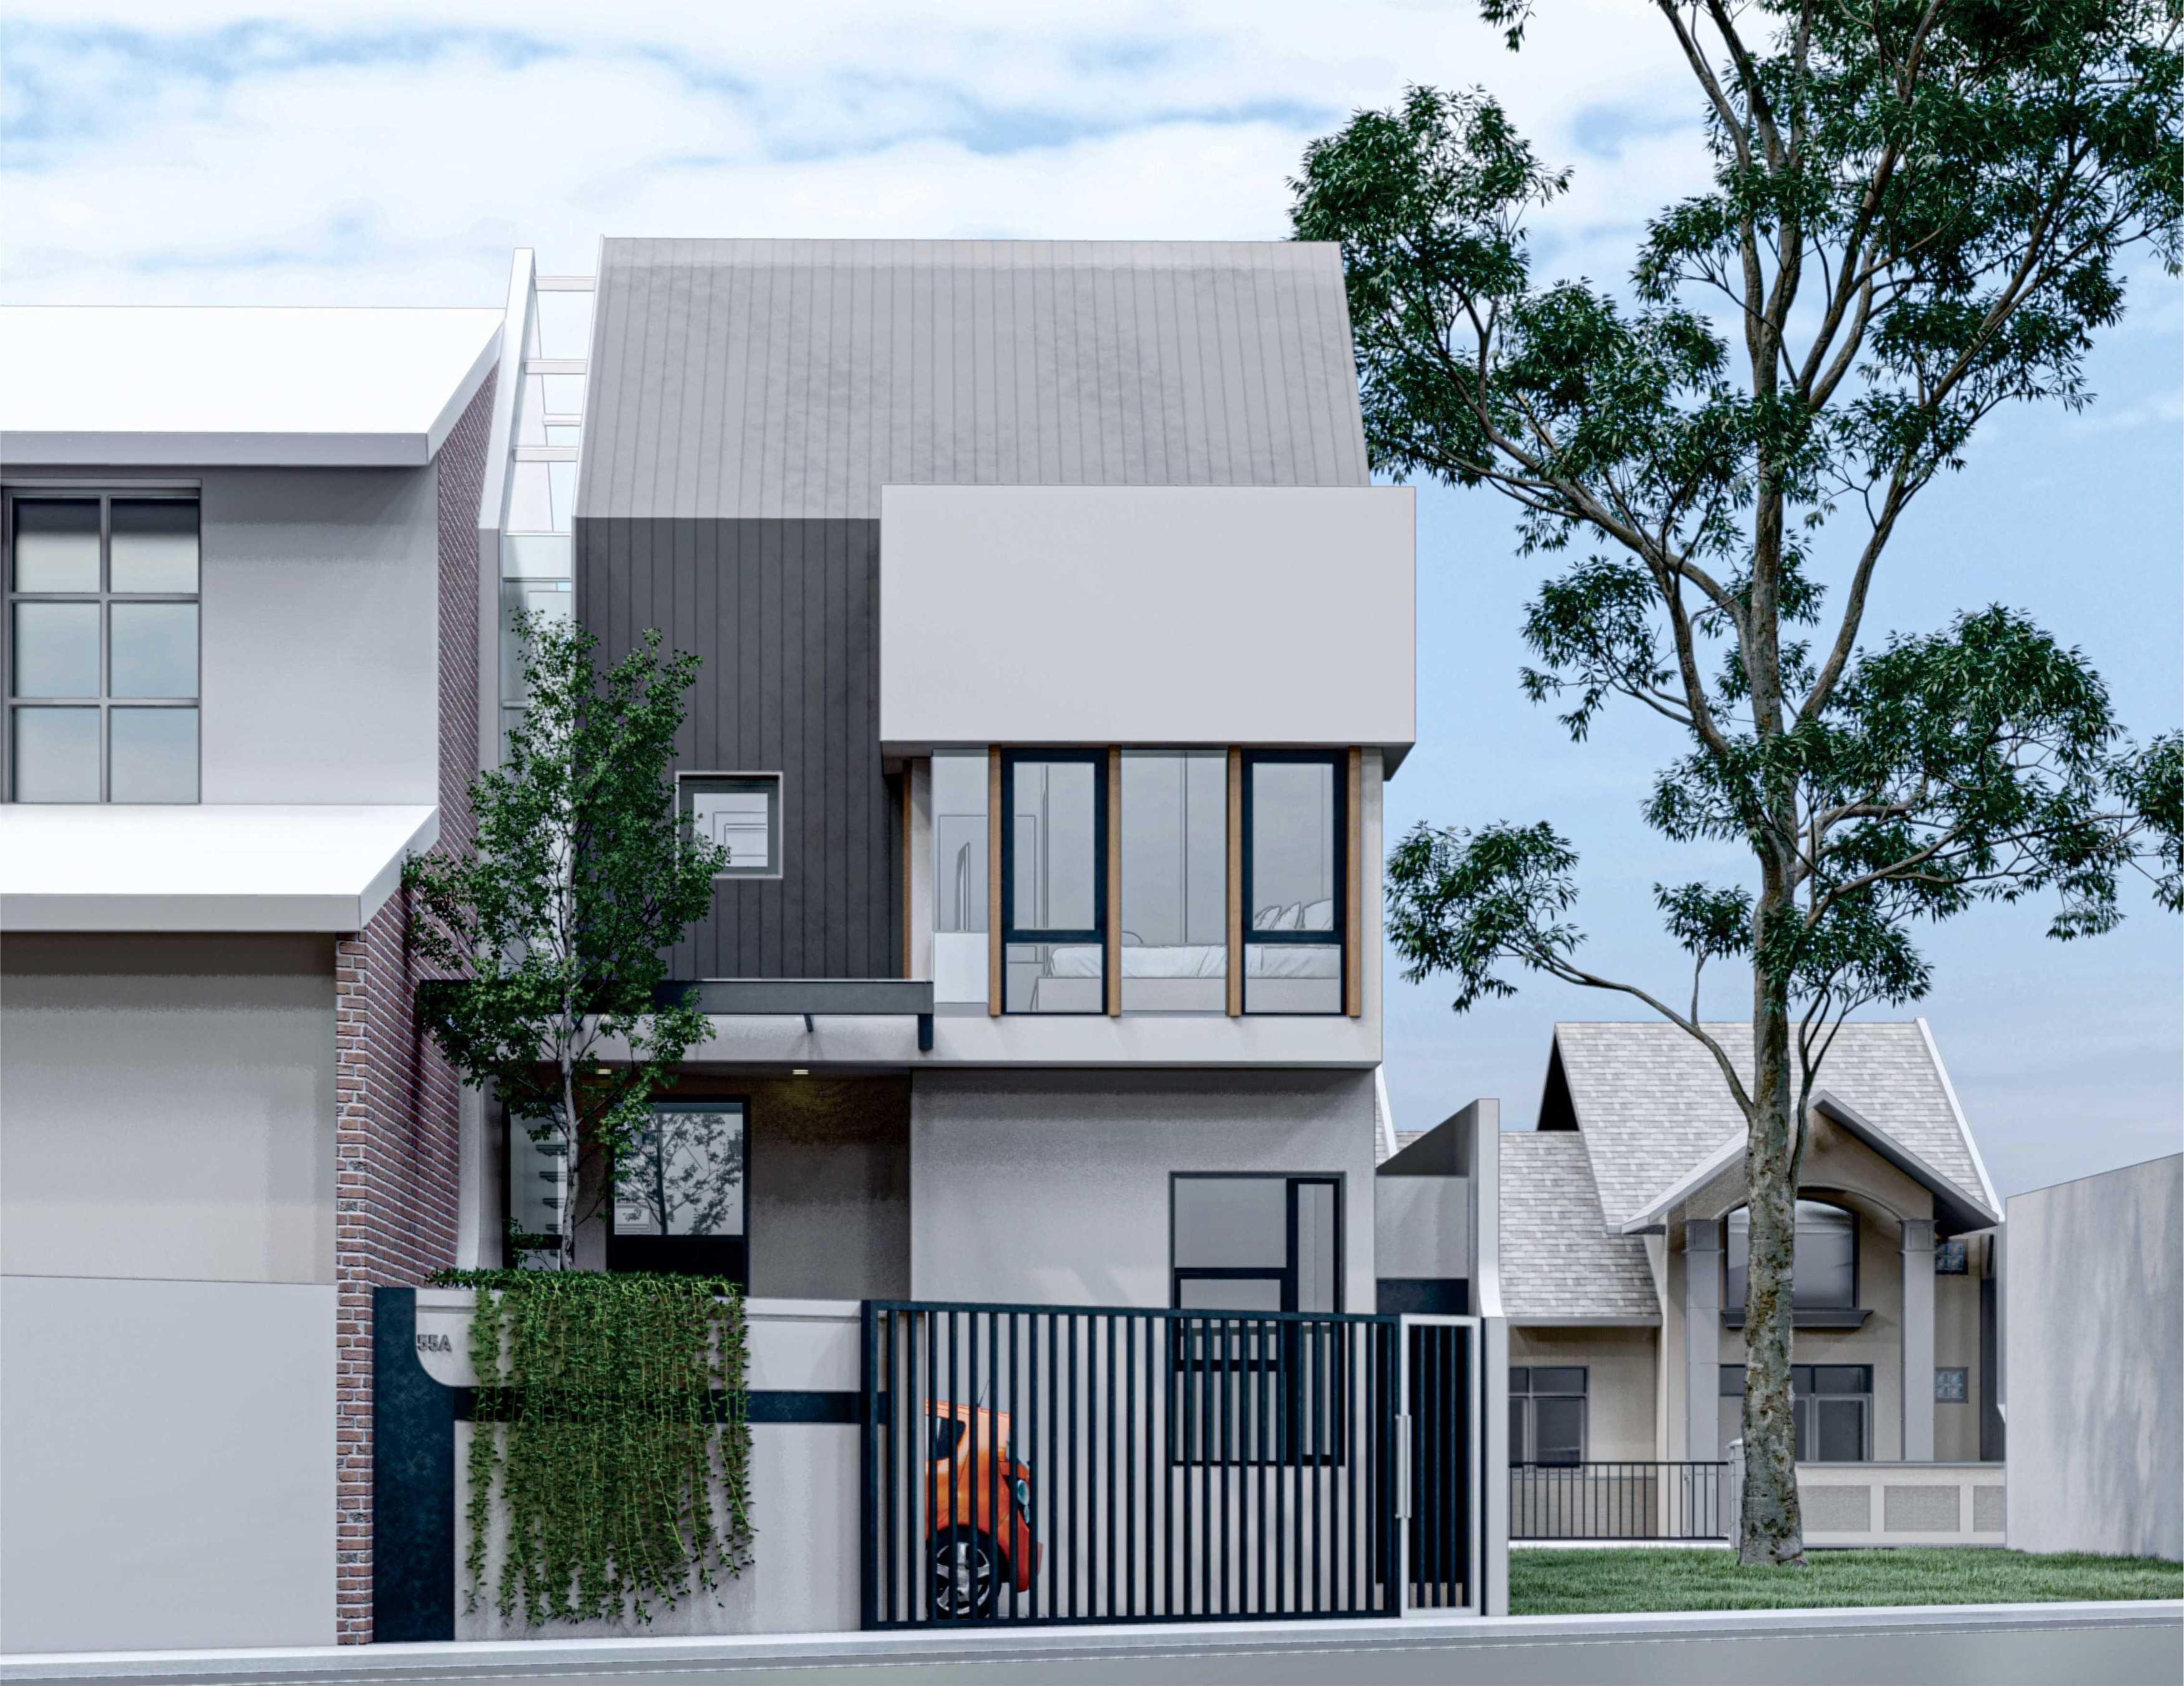 iap-architect-pe-house-desain1616043961-l